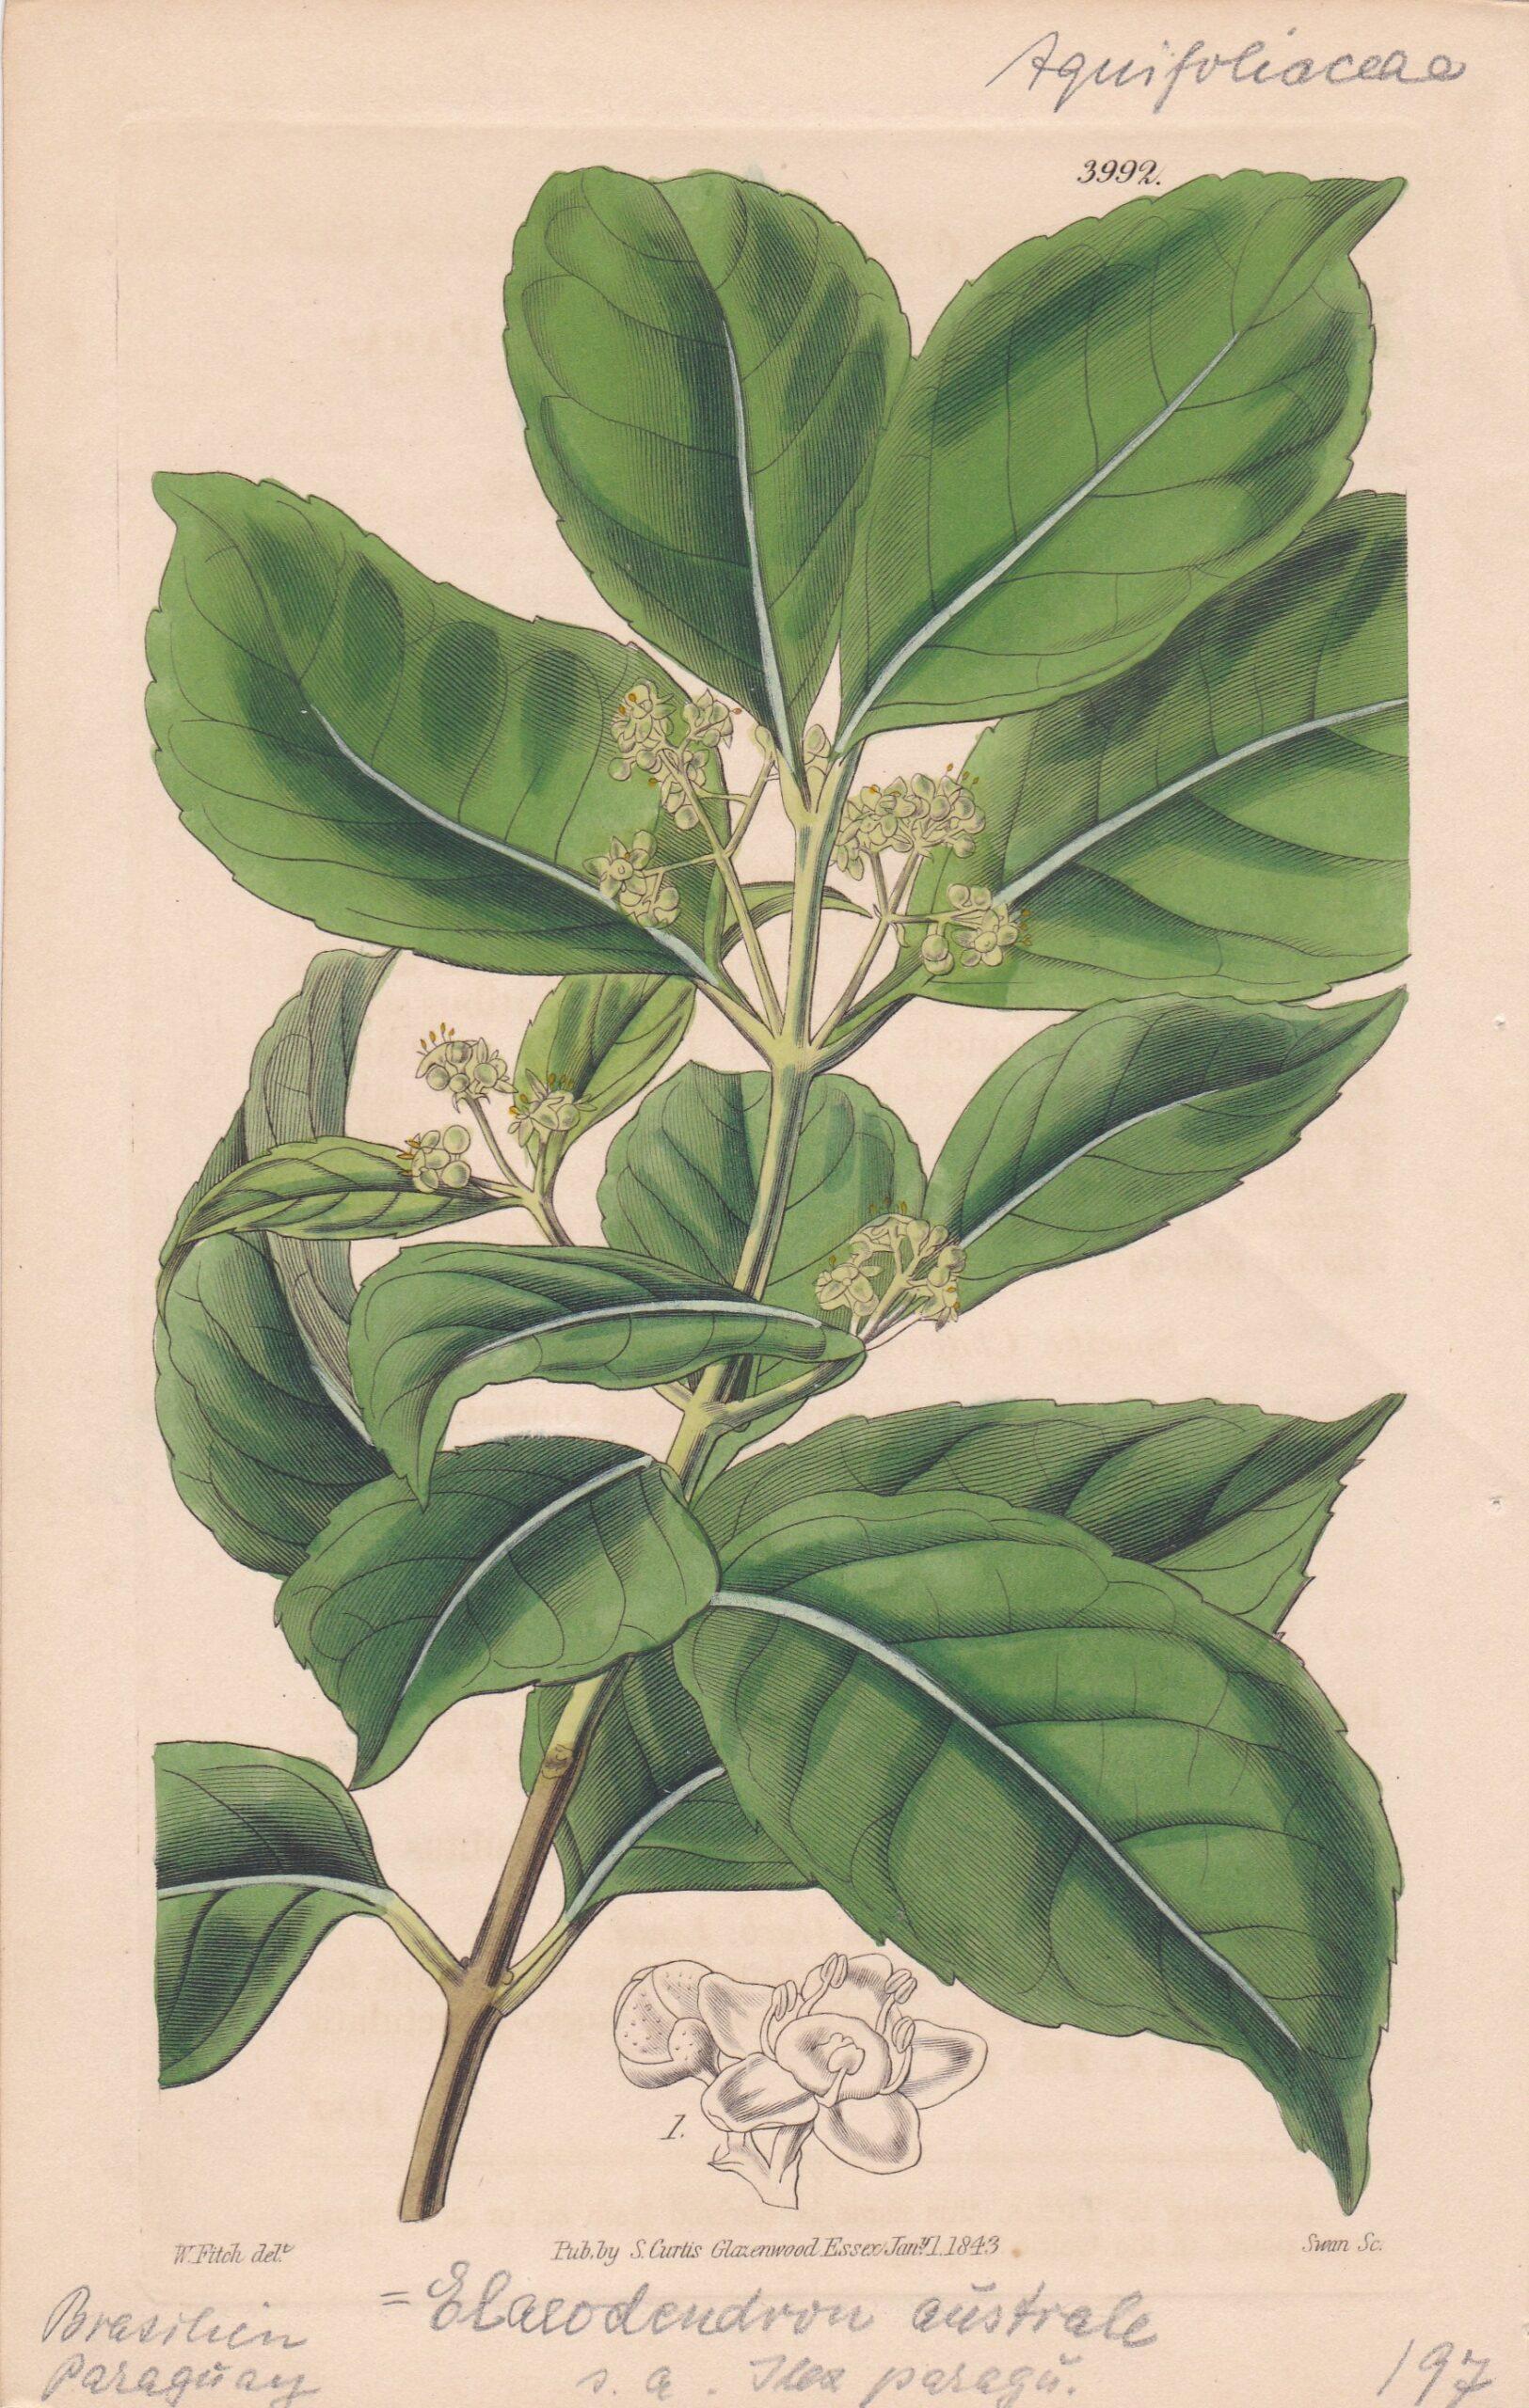 Ilex Paraguariensis, Handkolorierter Kupferstich, Botanical Magazine Nr. 3992